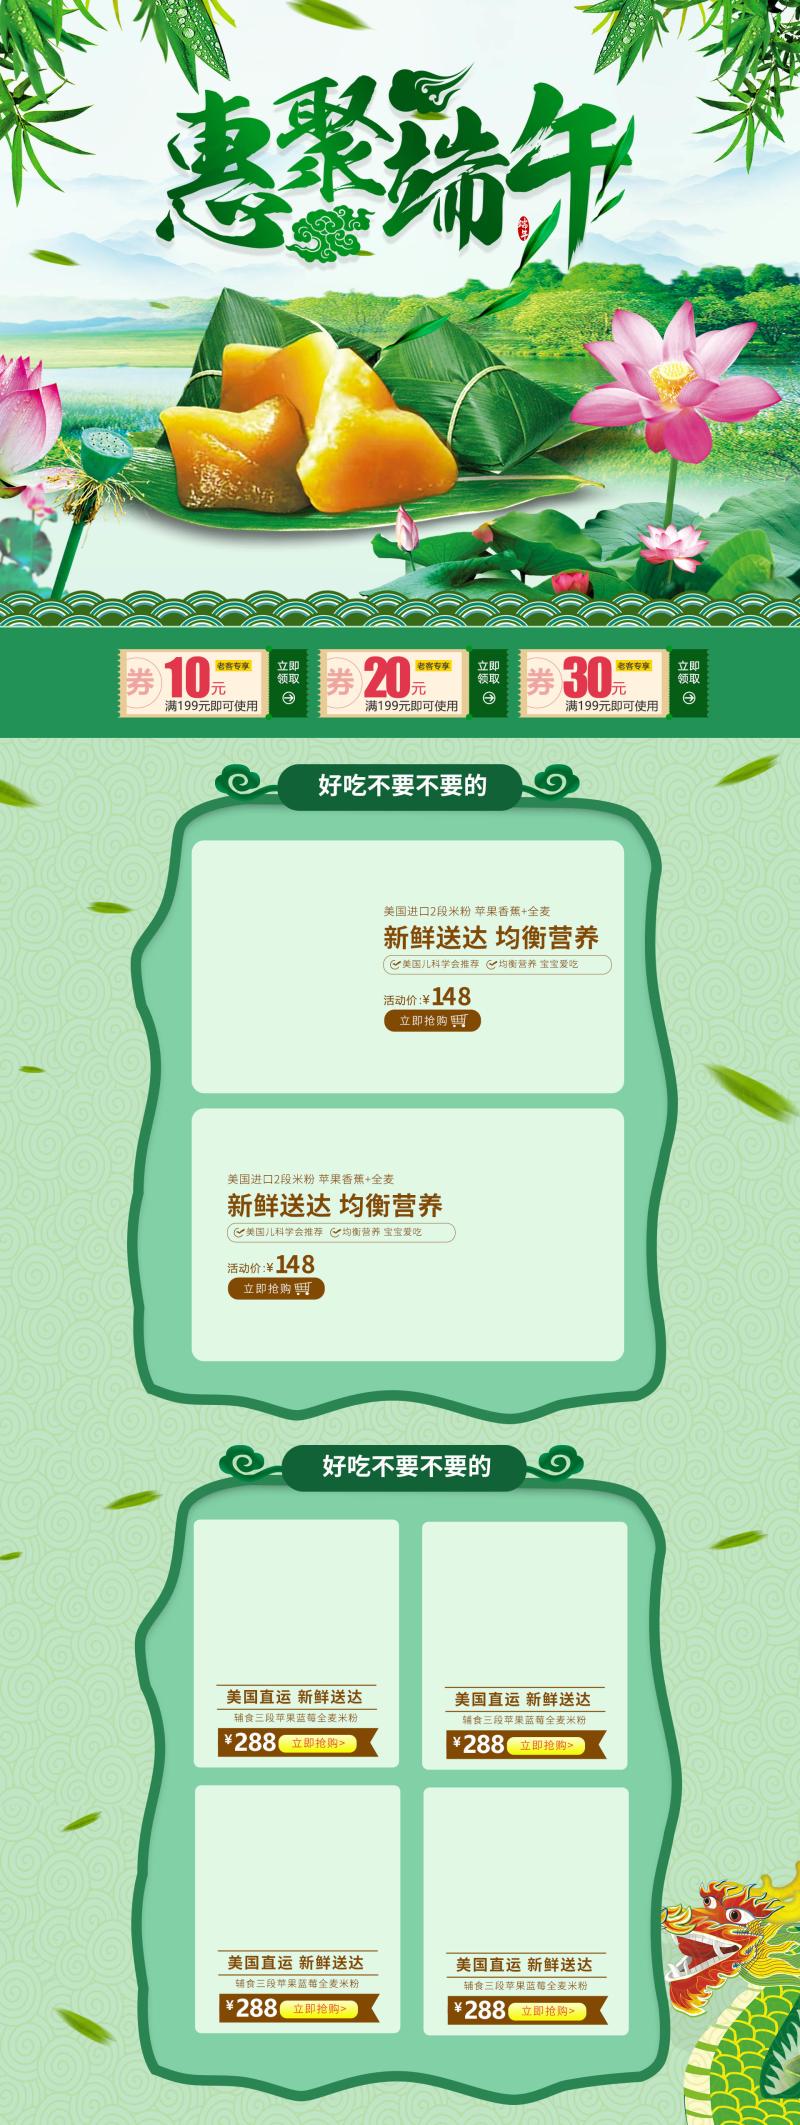 惠聚端午 淘宝天猫美食食品店铺装修模